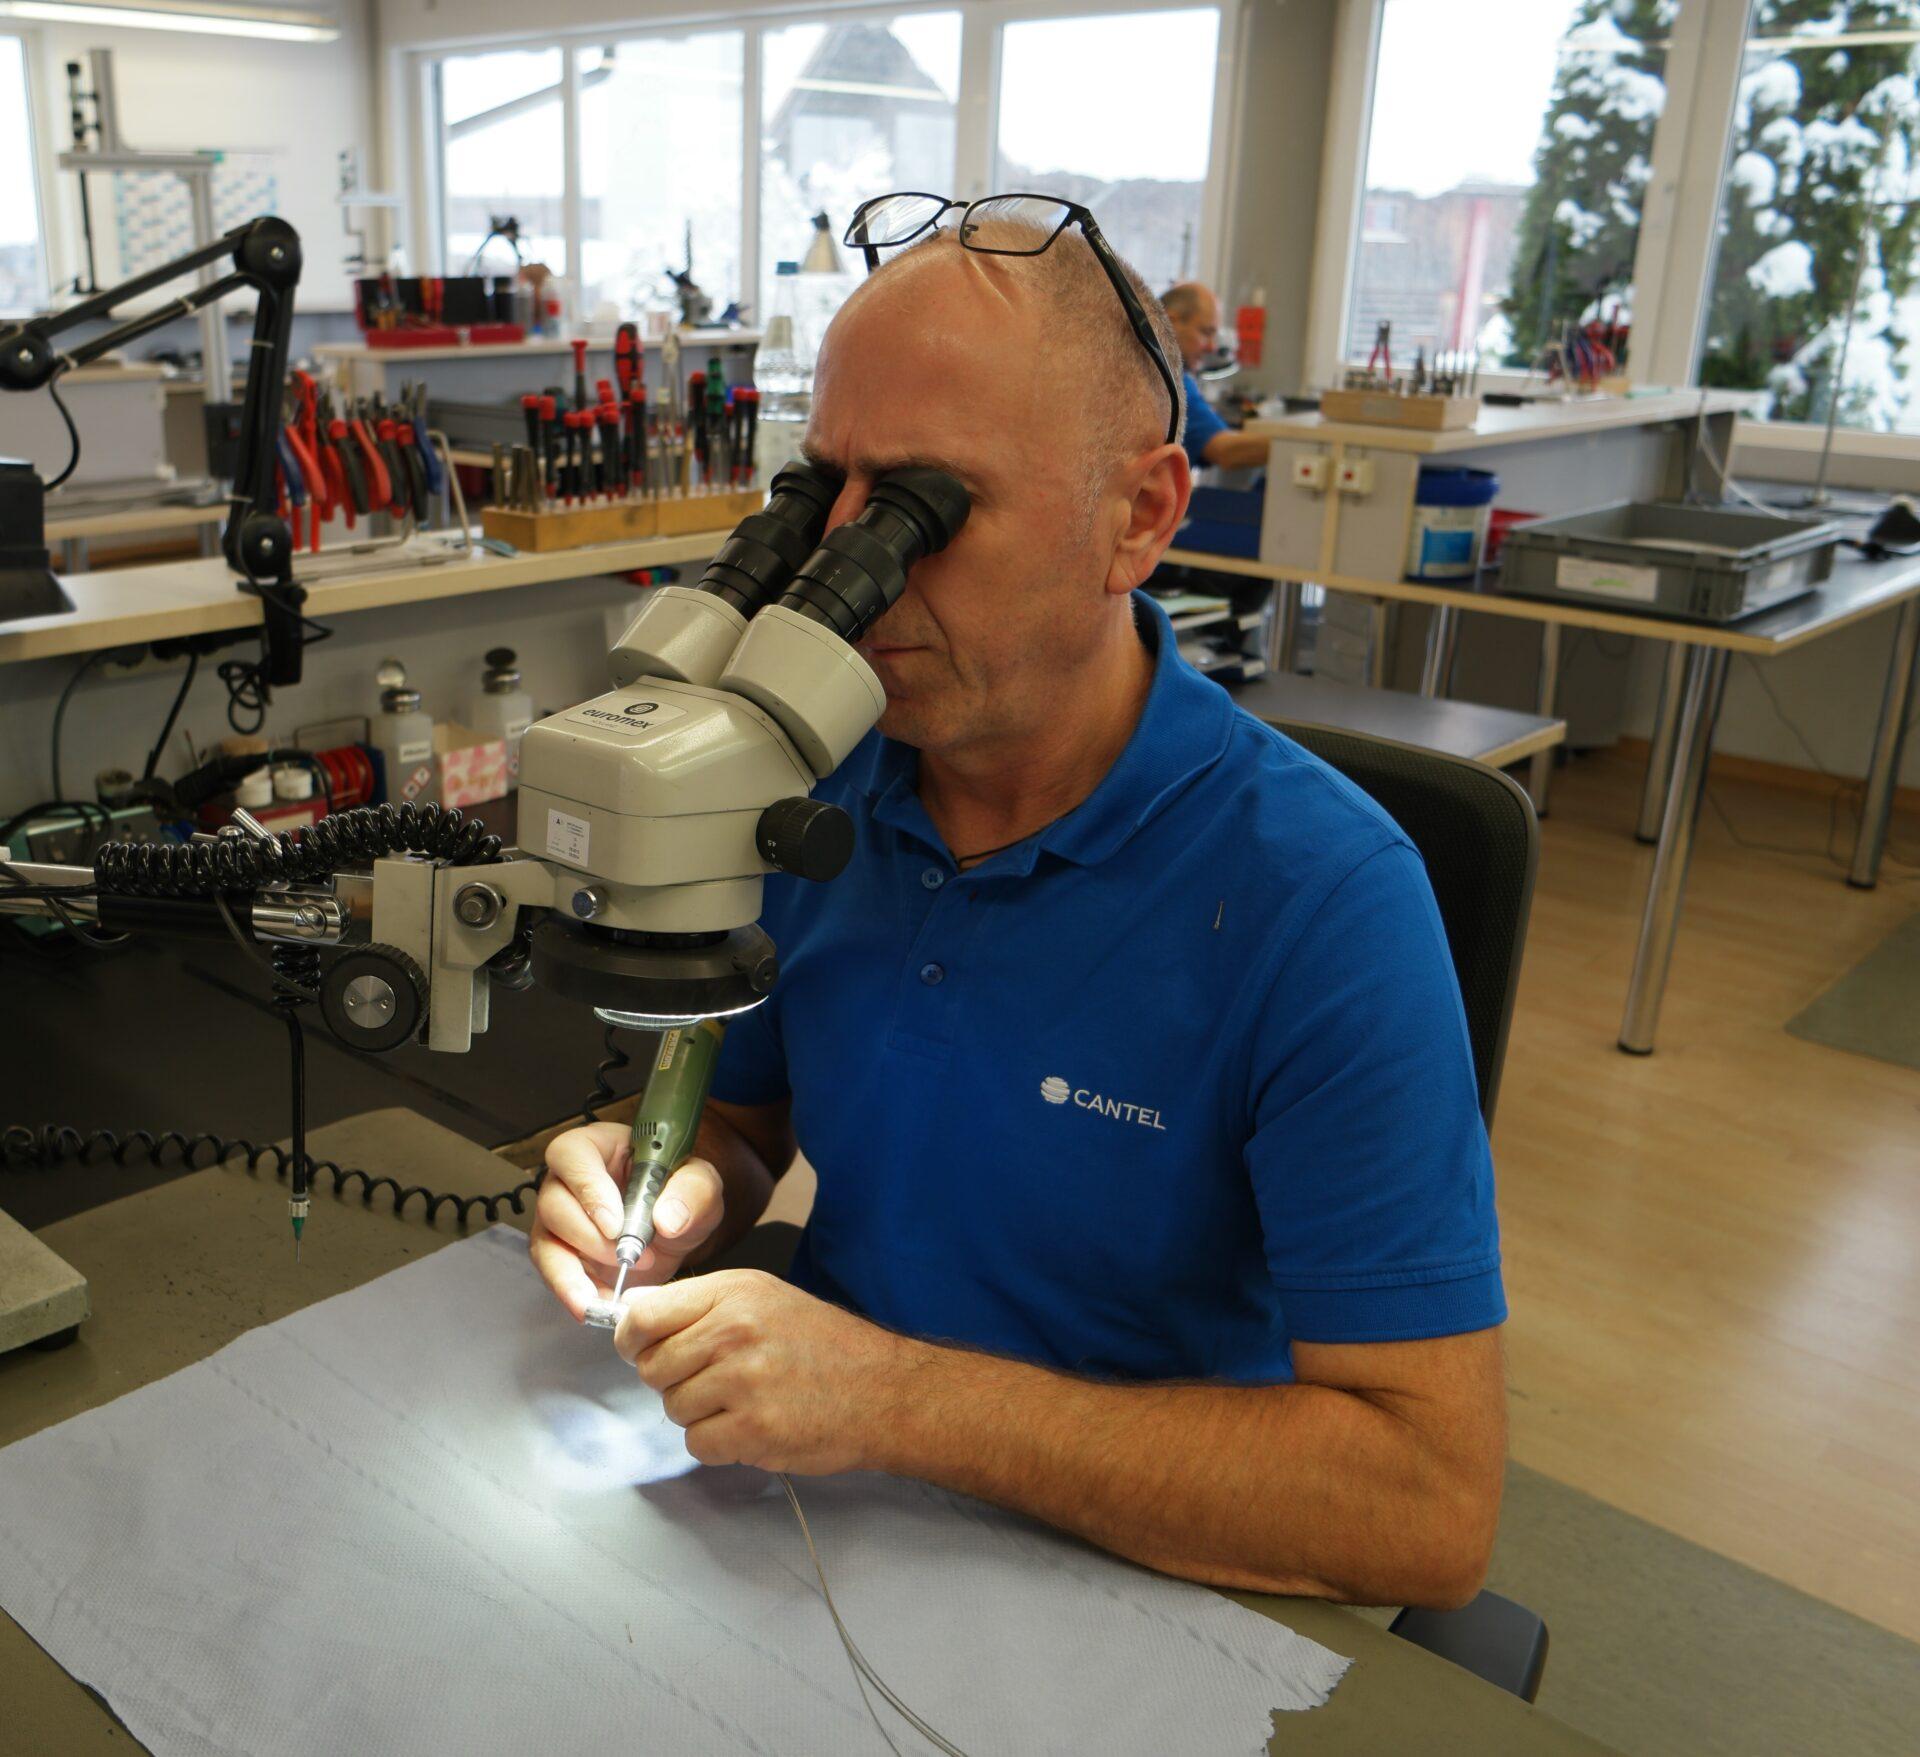 Effiziente und wirtschaftlich optimale Lösungen im Bereich der Endoskopreparatur